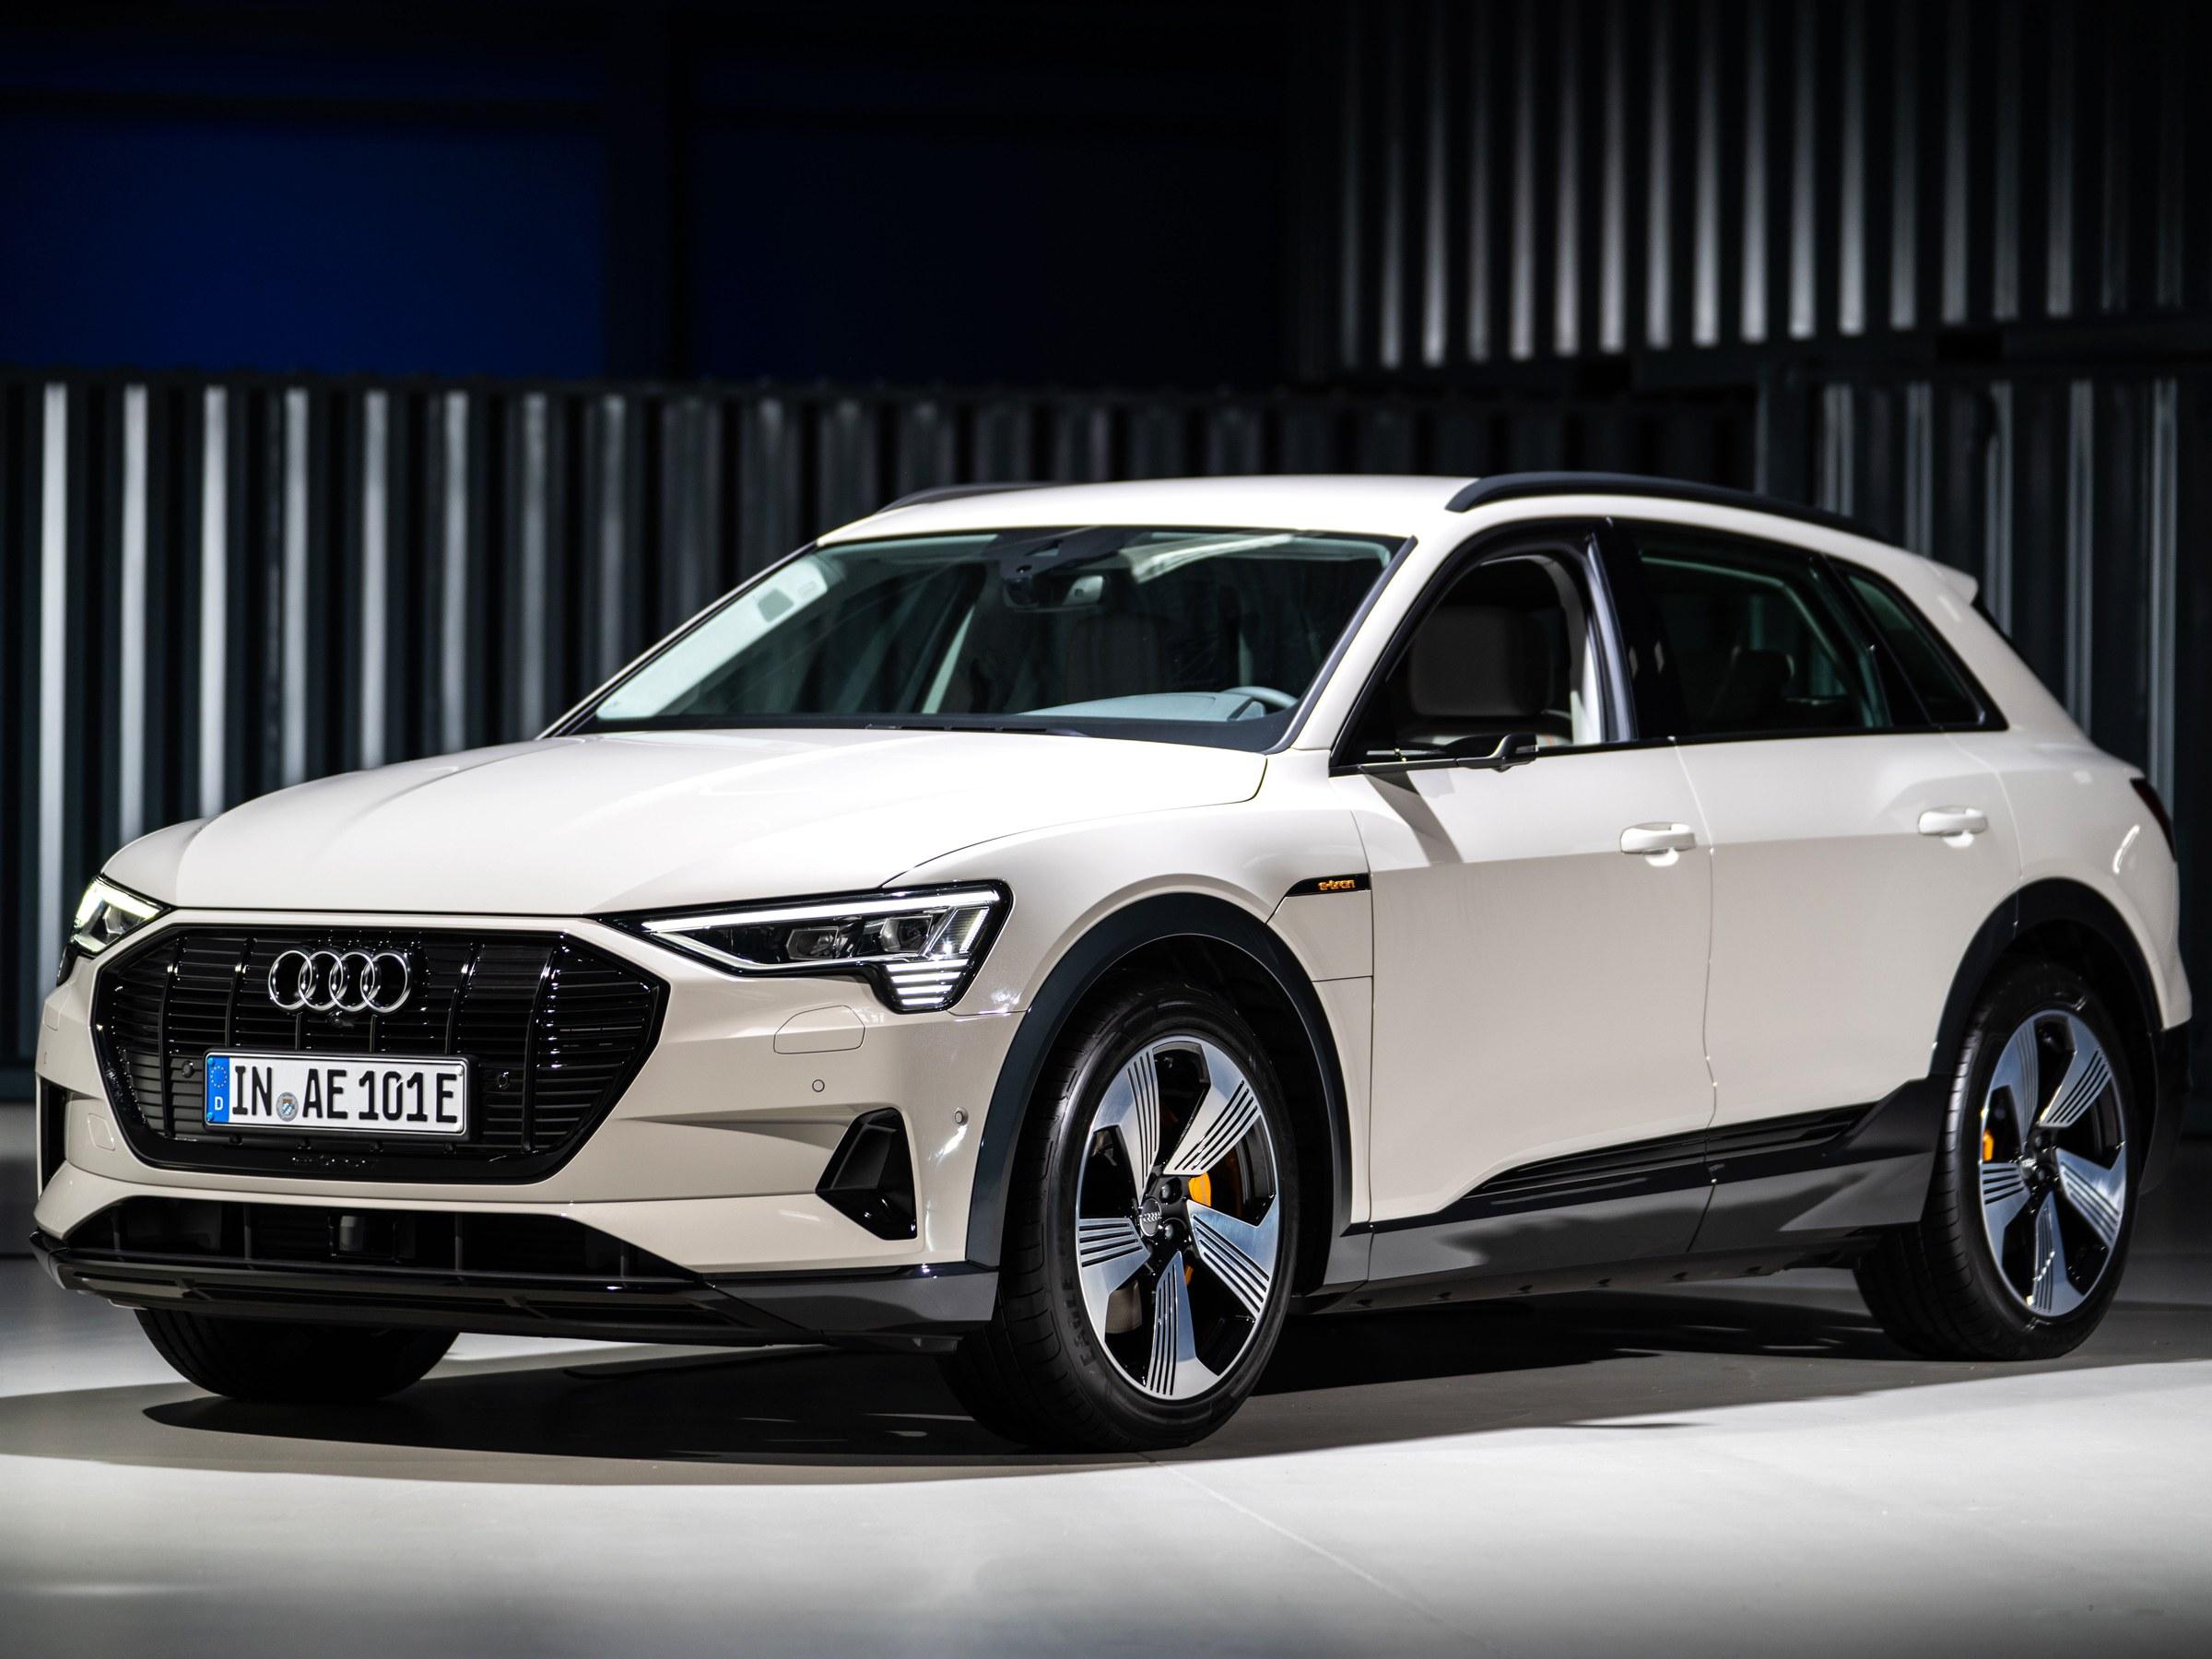 Audi e-tron pierwszym samochodem elektrycznym z wyró¿nieniem za bezpieczeñstwo jazdy